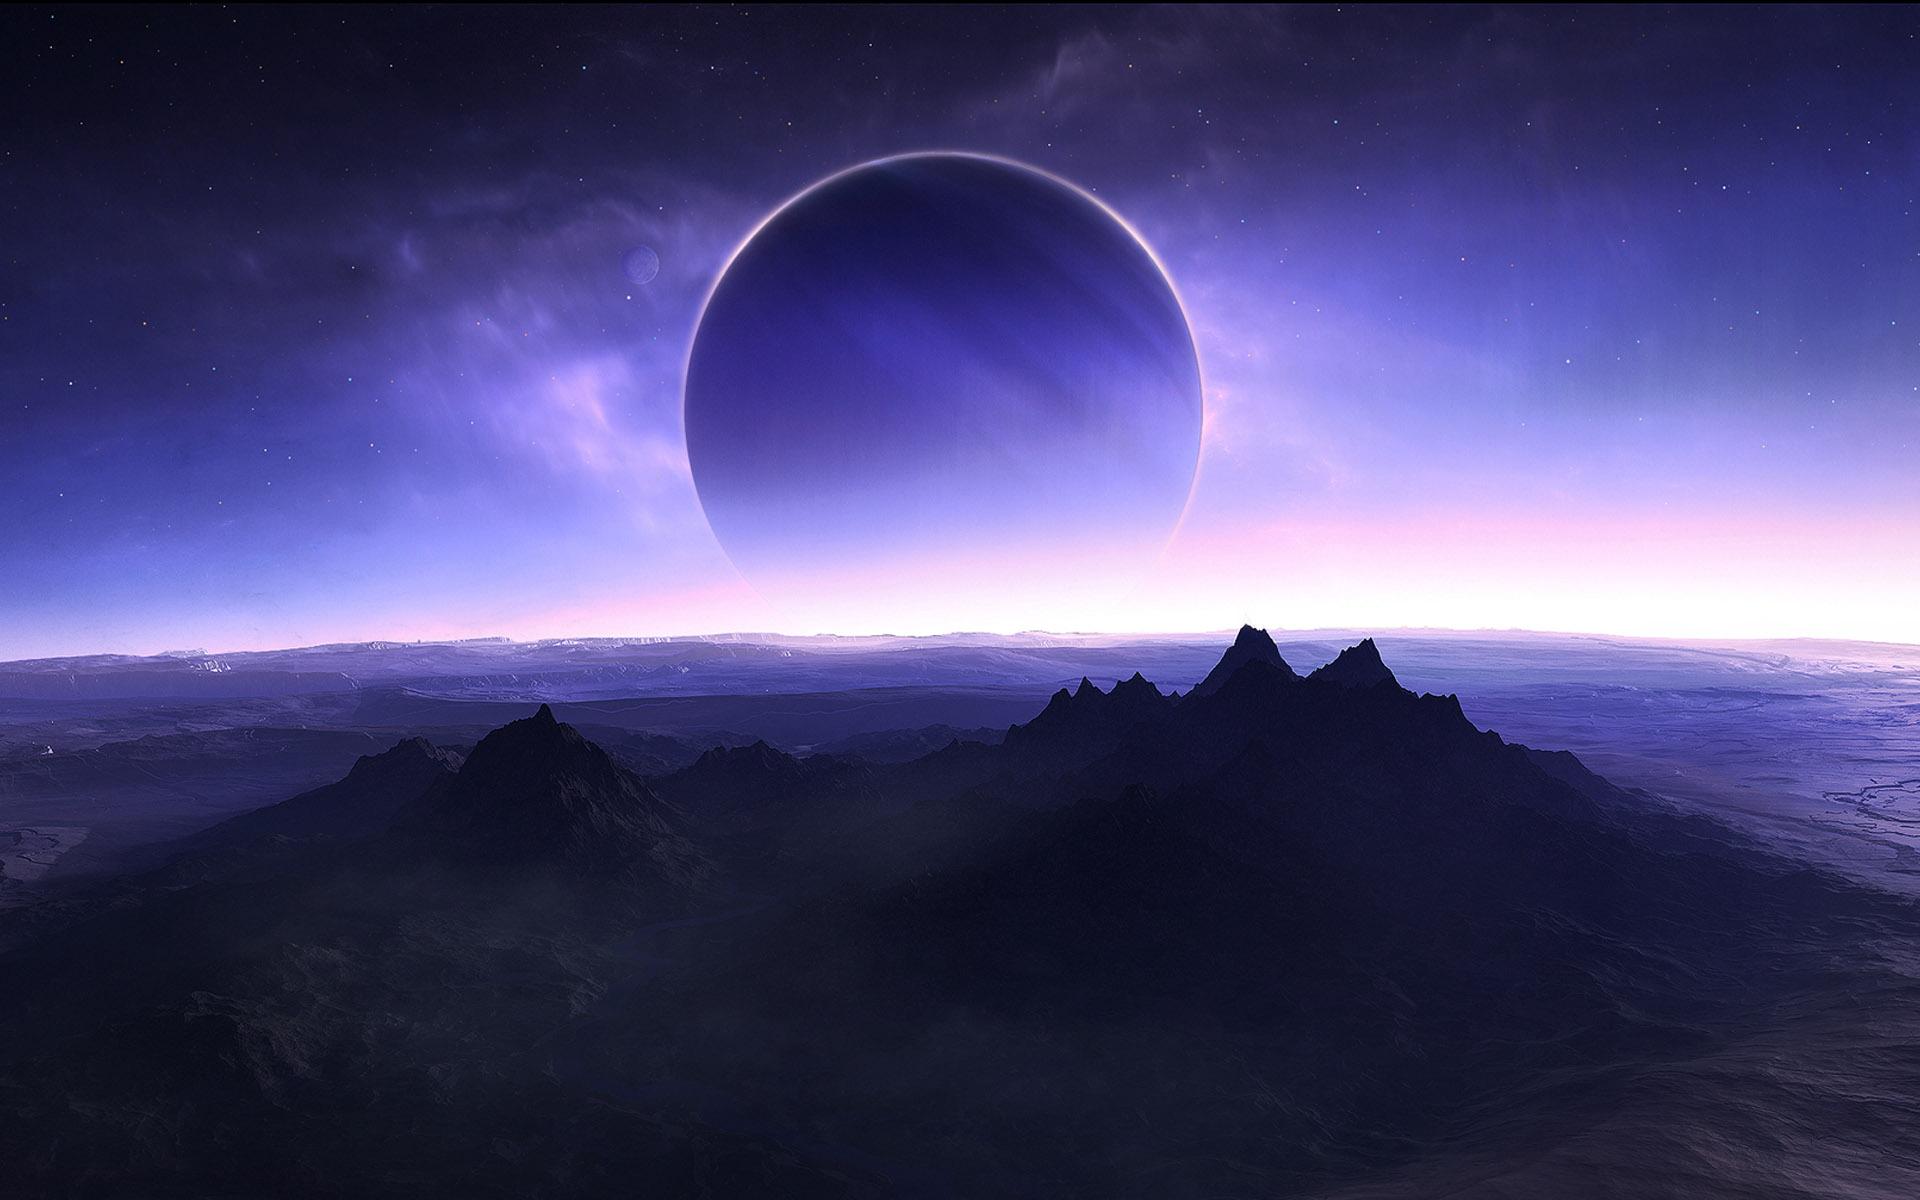 视觉大餐-美丽的宇宙星空(超宽幅) - 沉默是金 -   沉默是金de家园